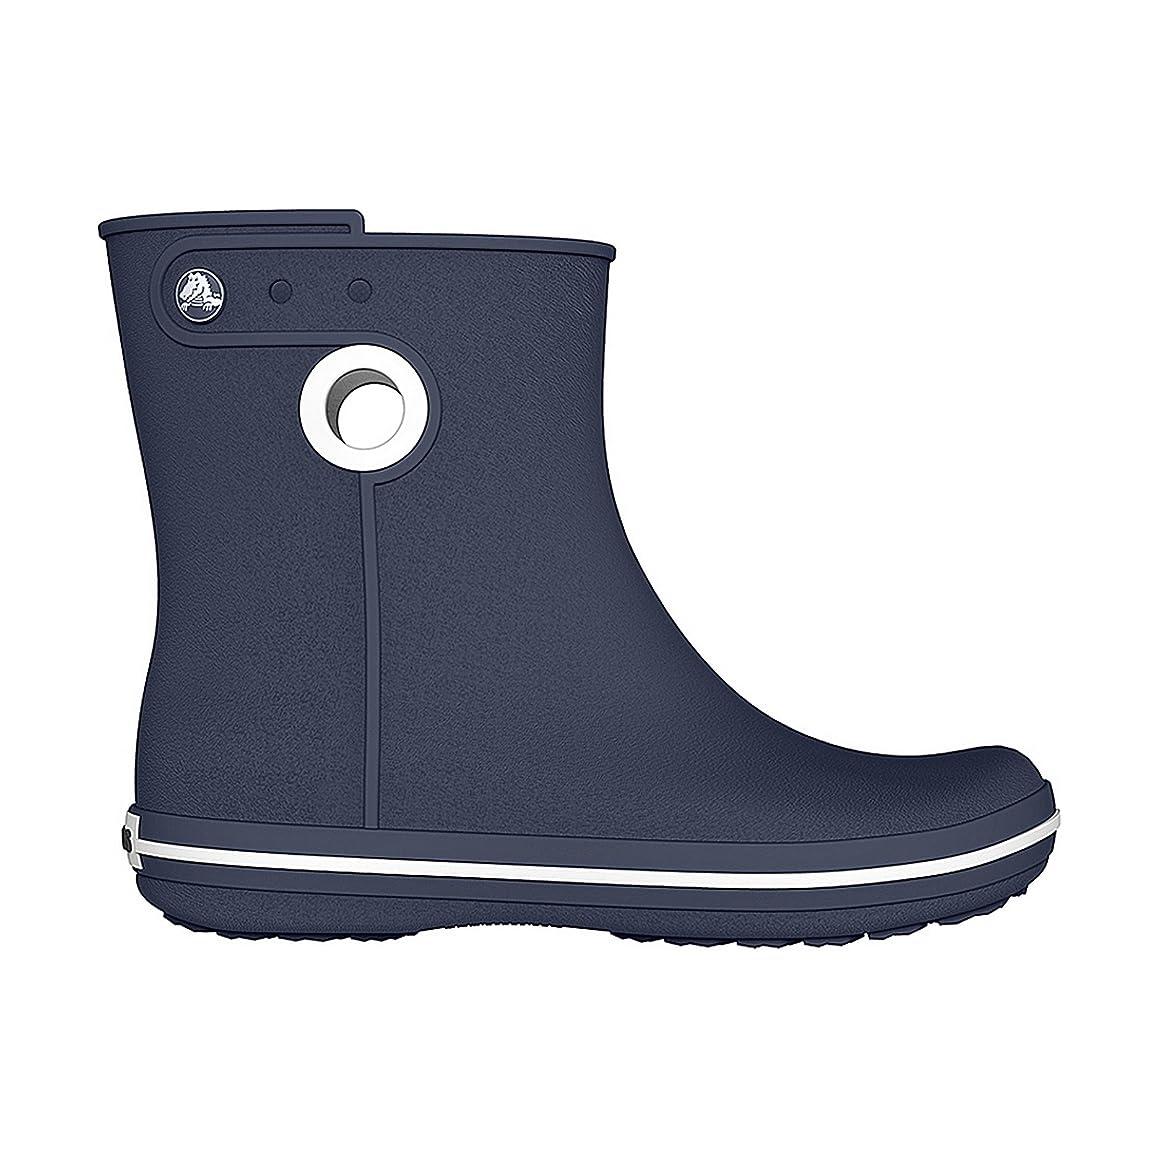 小康マーガレットミッチェル洗う[Crocs] (クロックス) レディース ウィメンズ クロックバンド ジョーント ショートブーツ 婦人靴 長靴 レインブーツ 女性用 (4 UK) (ネイビー)